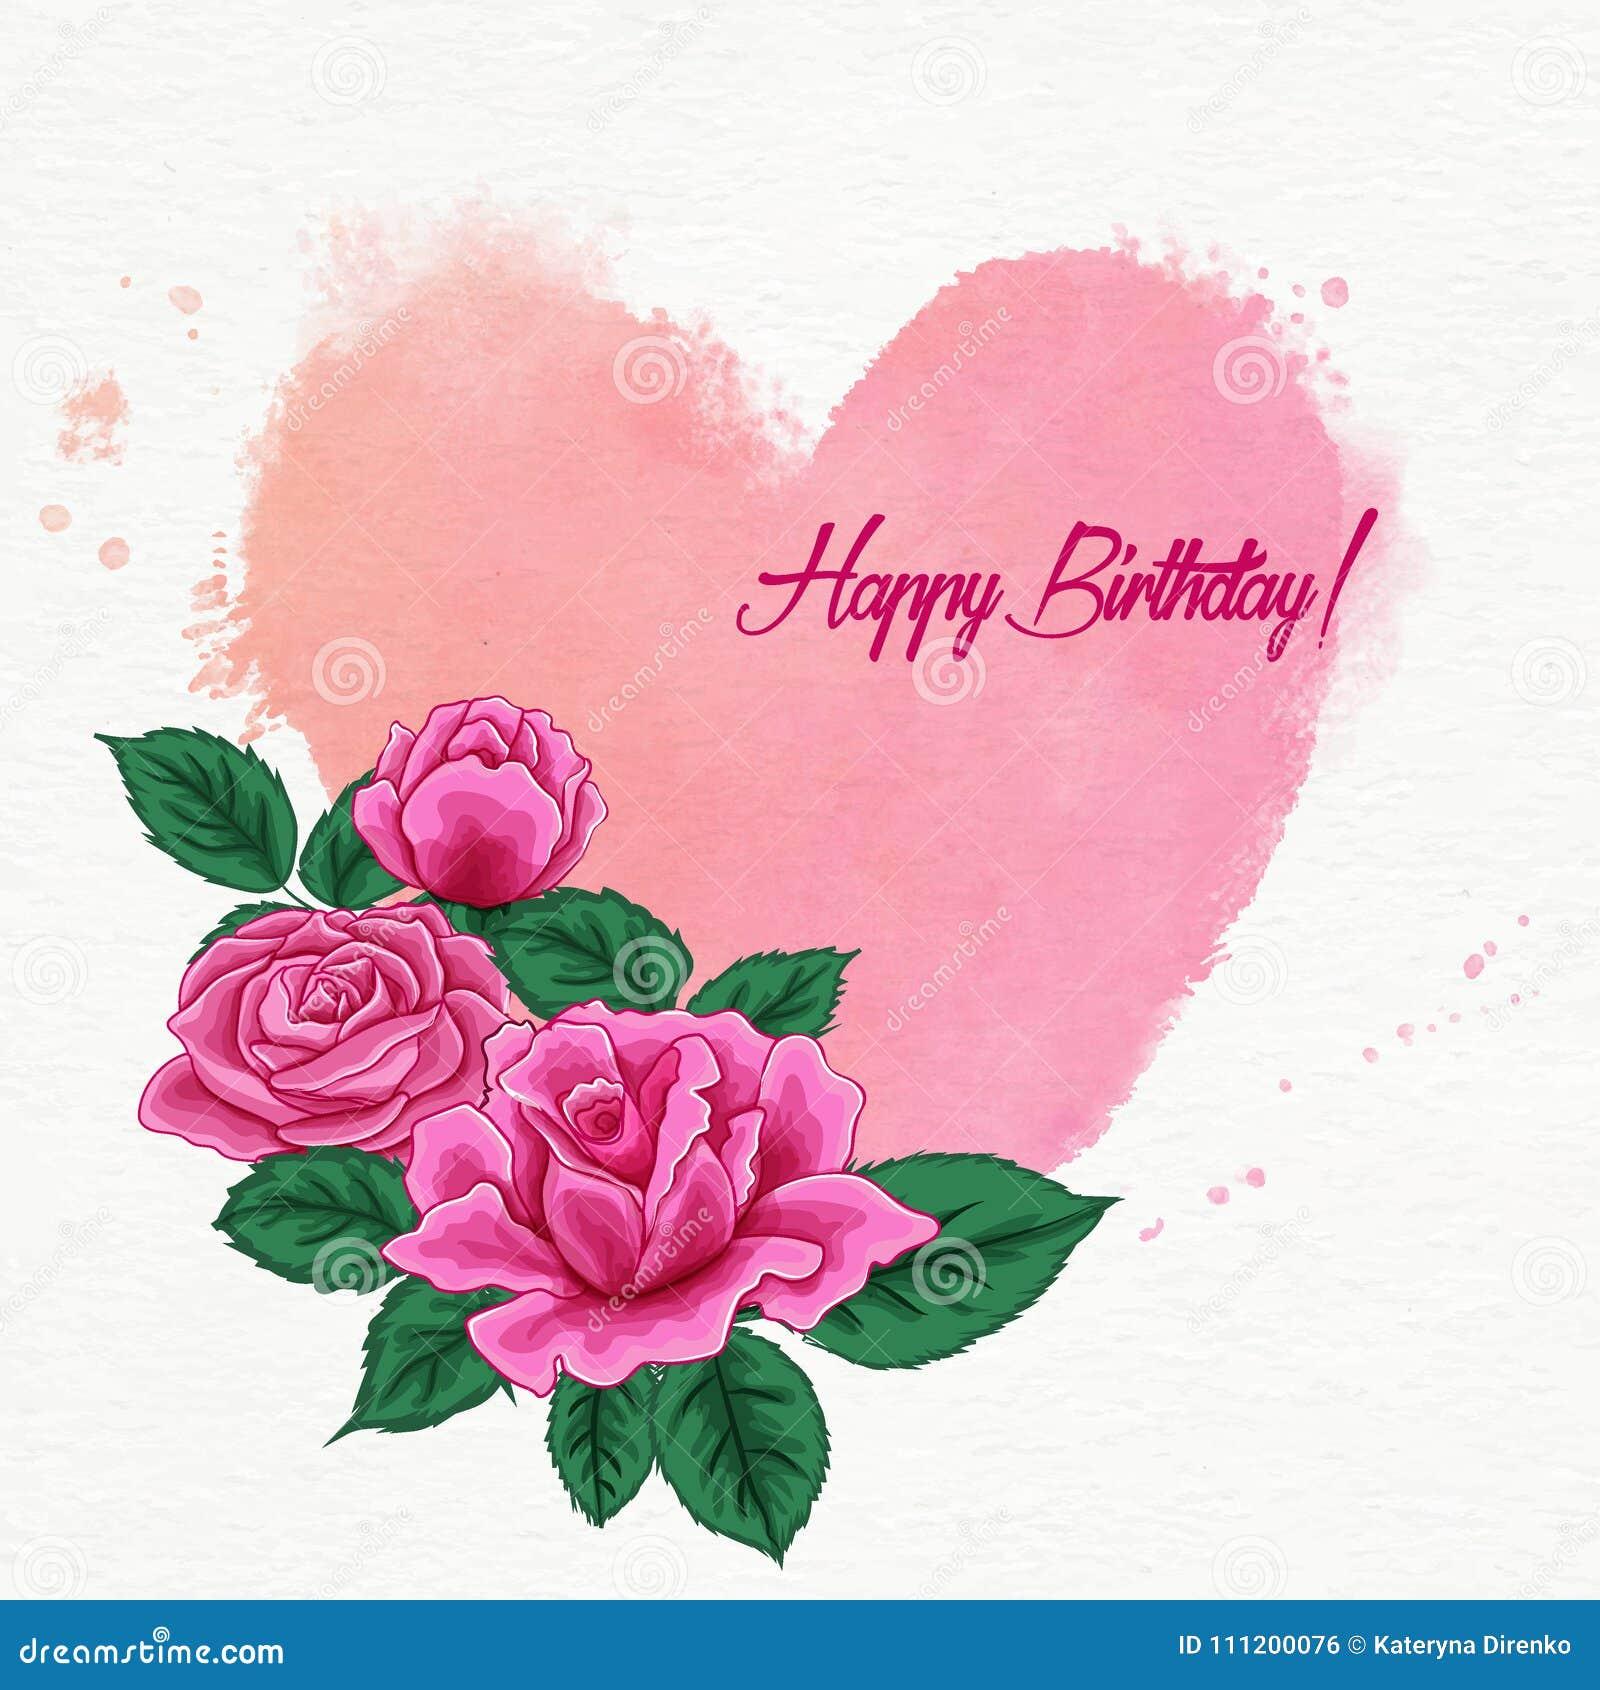 Rosa E Cuore Per Il Buon Compleanno Di Compleanno Illustrazione Di